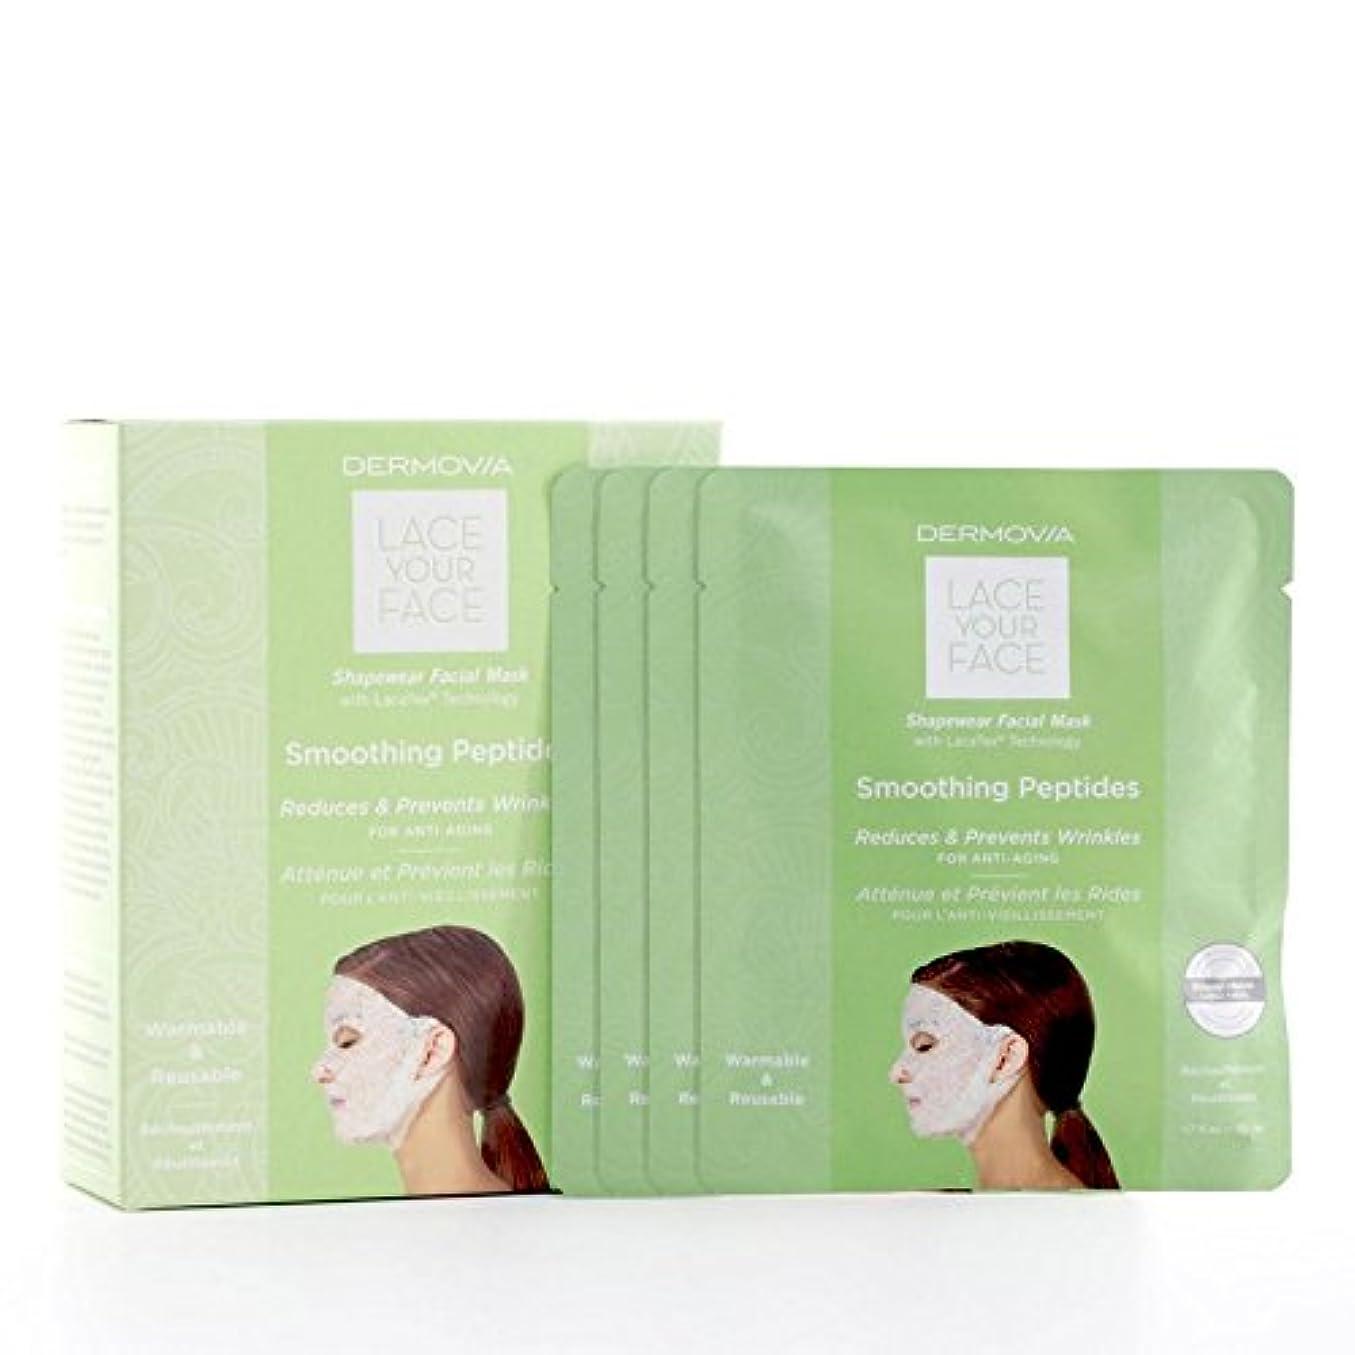 パラダイス固執困惑は、あなたの顔の圧縮フェイシャルマスク平滑化ペプチドをひもで締めます x2 - Dermovia Lace Your Face Compression Facial Mask Smoothing Peptides (Pack...